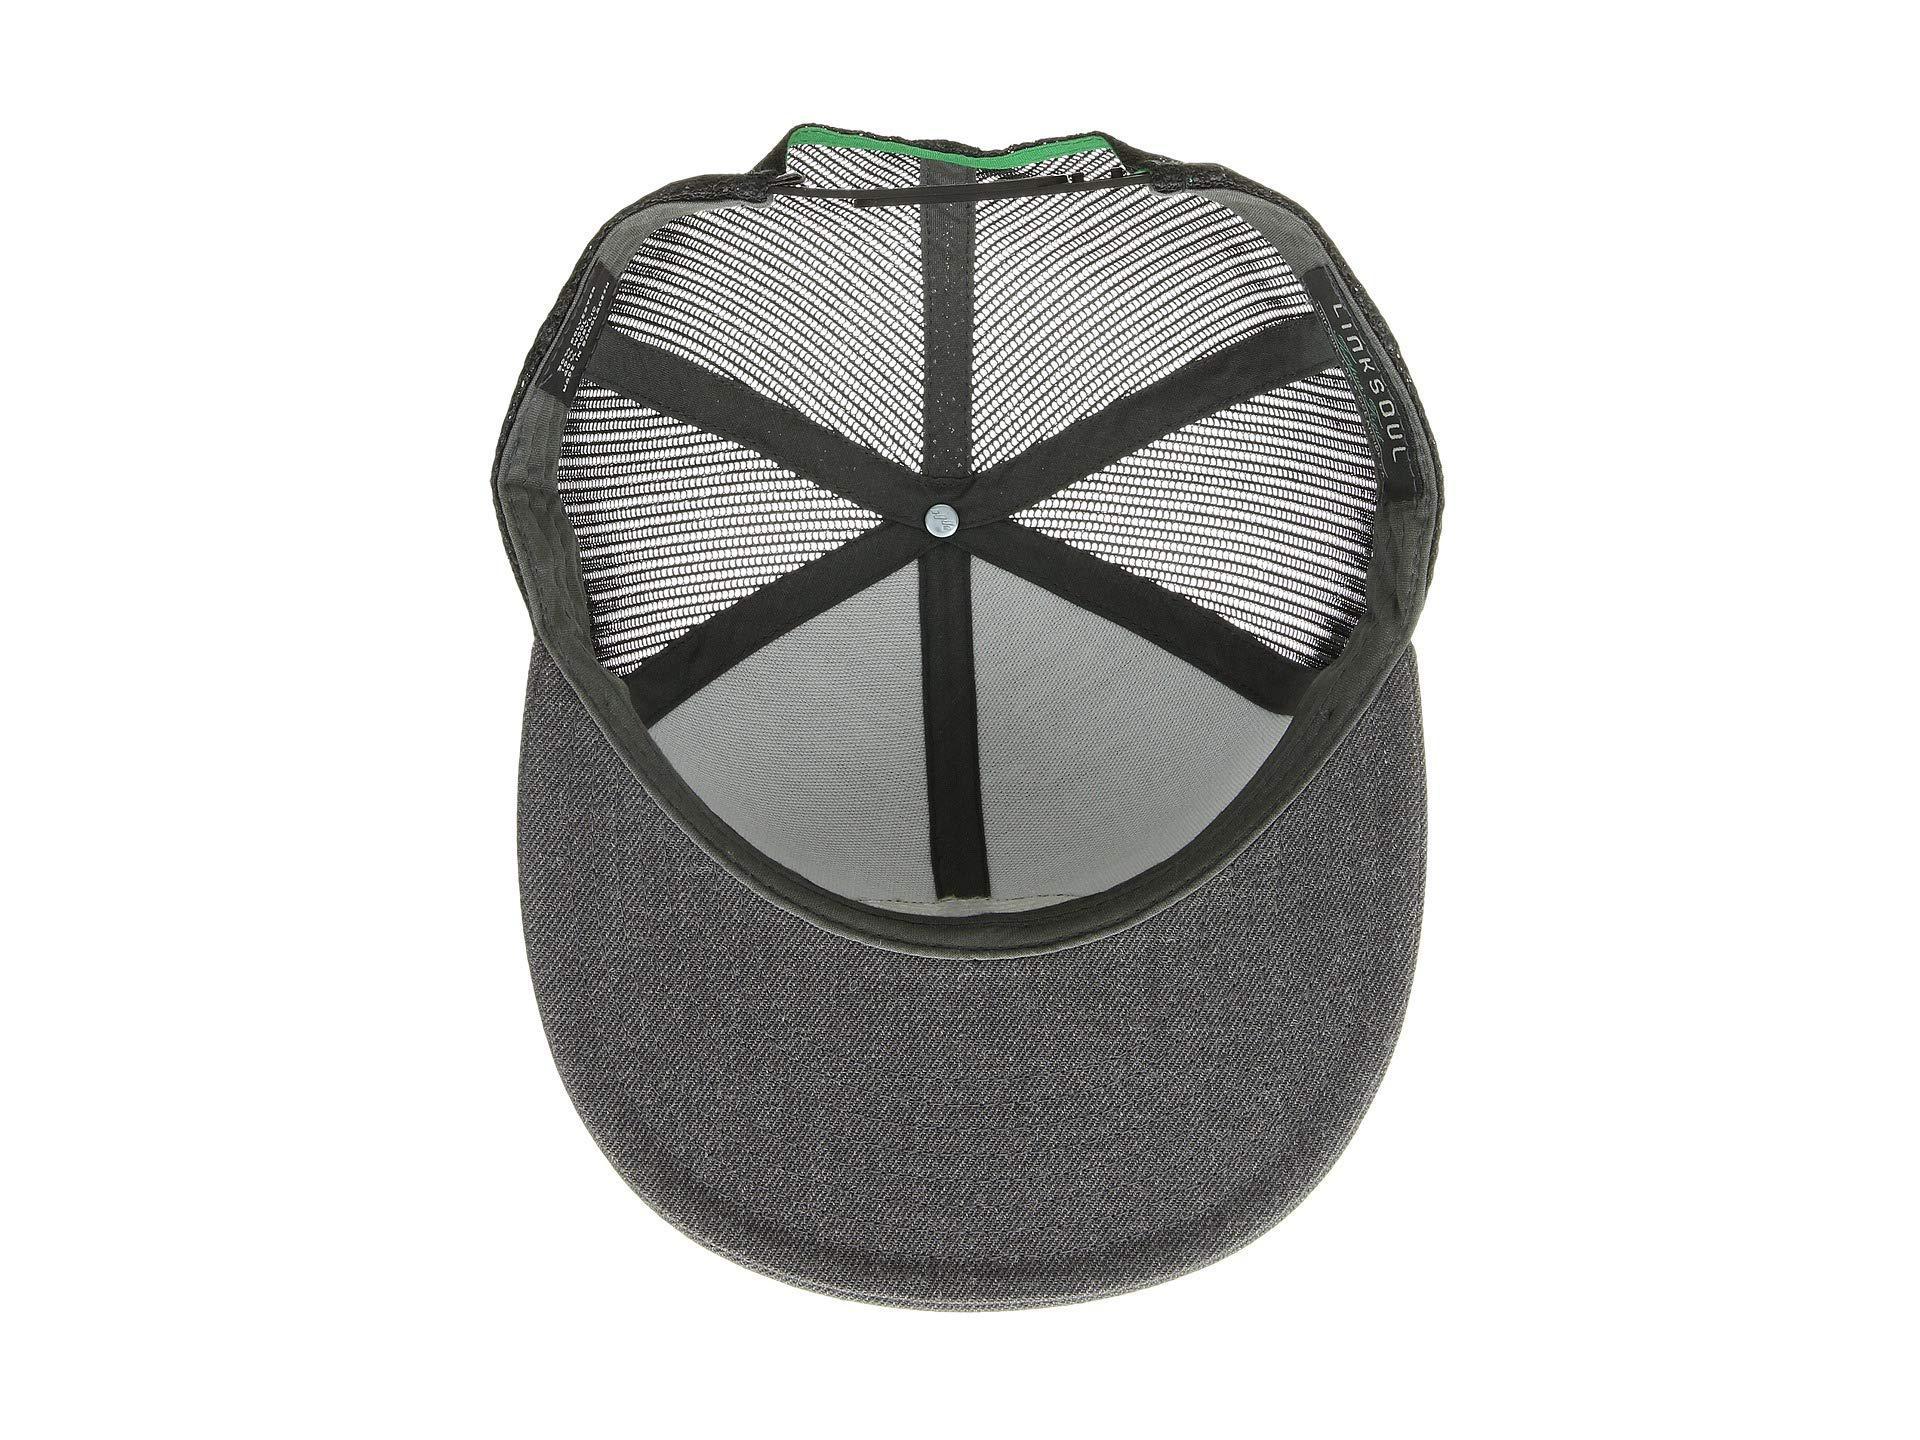 30cdd157e1d Lyst - Linksoul Ls824 Hat (black) Baseball Caps in Gray for Men